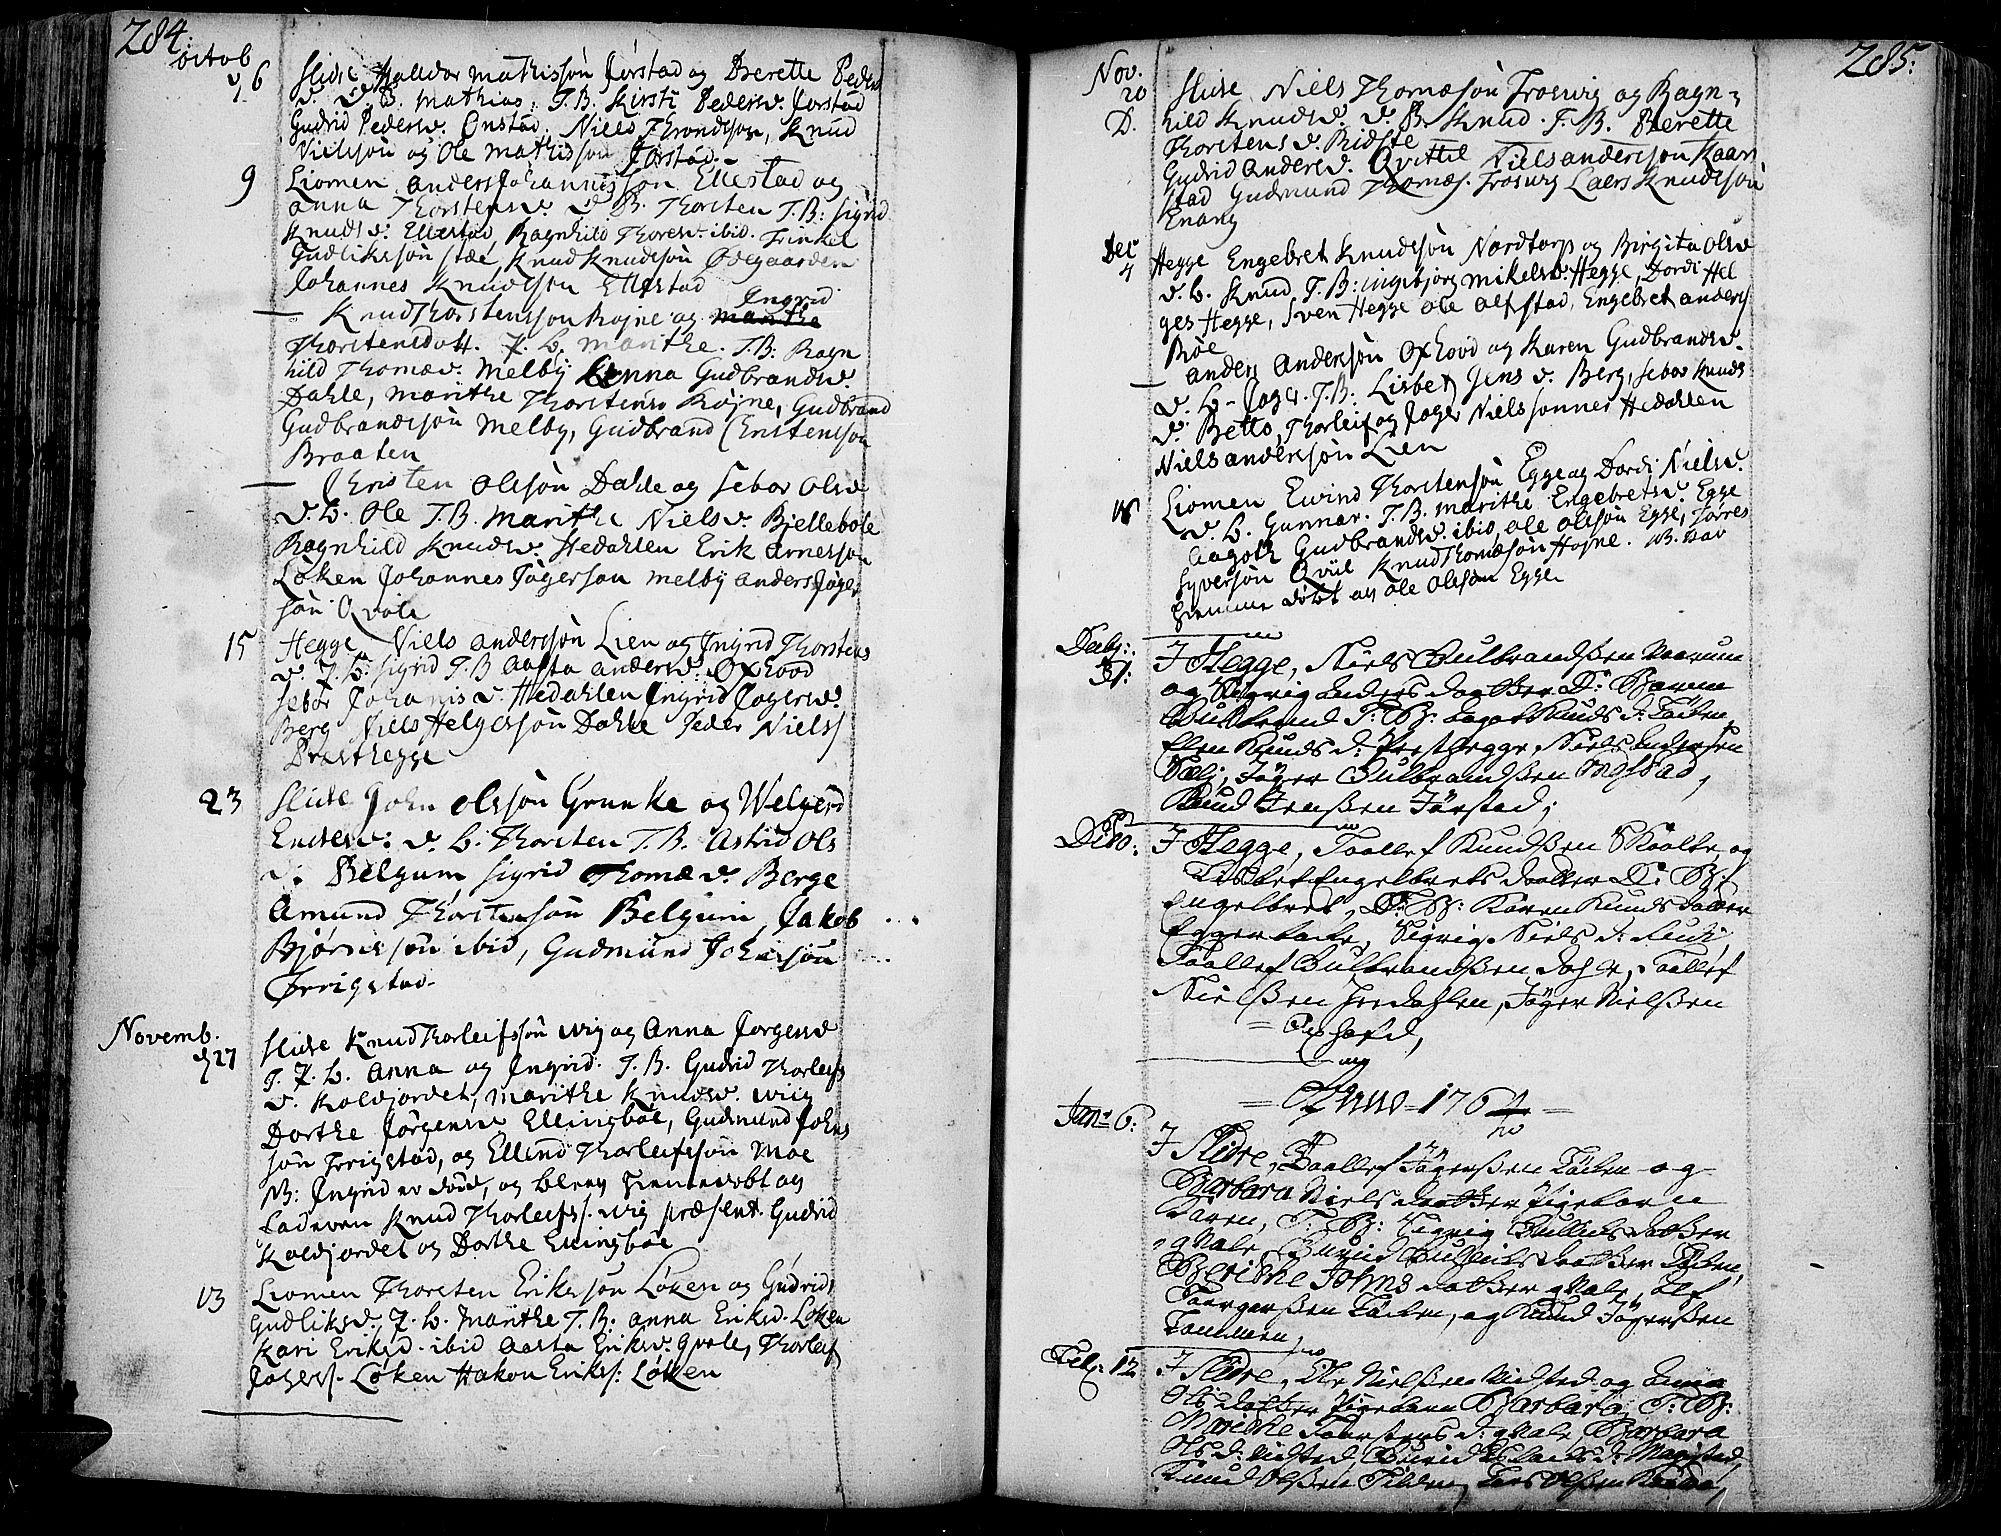 SAH, Slidre prestekontor, Ministerialbok nr. 1, 1724-1814, s. 284-285